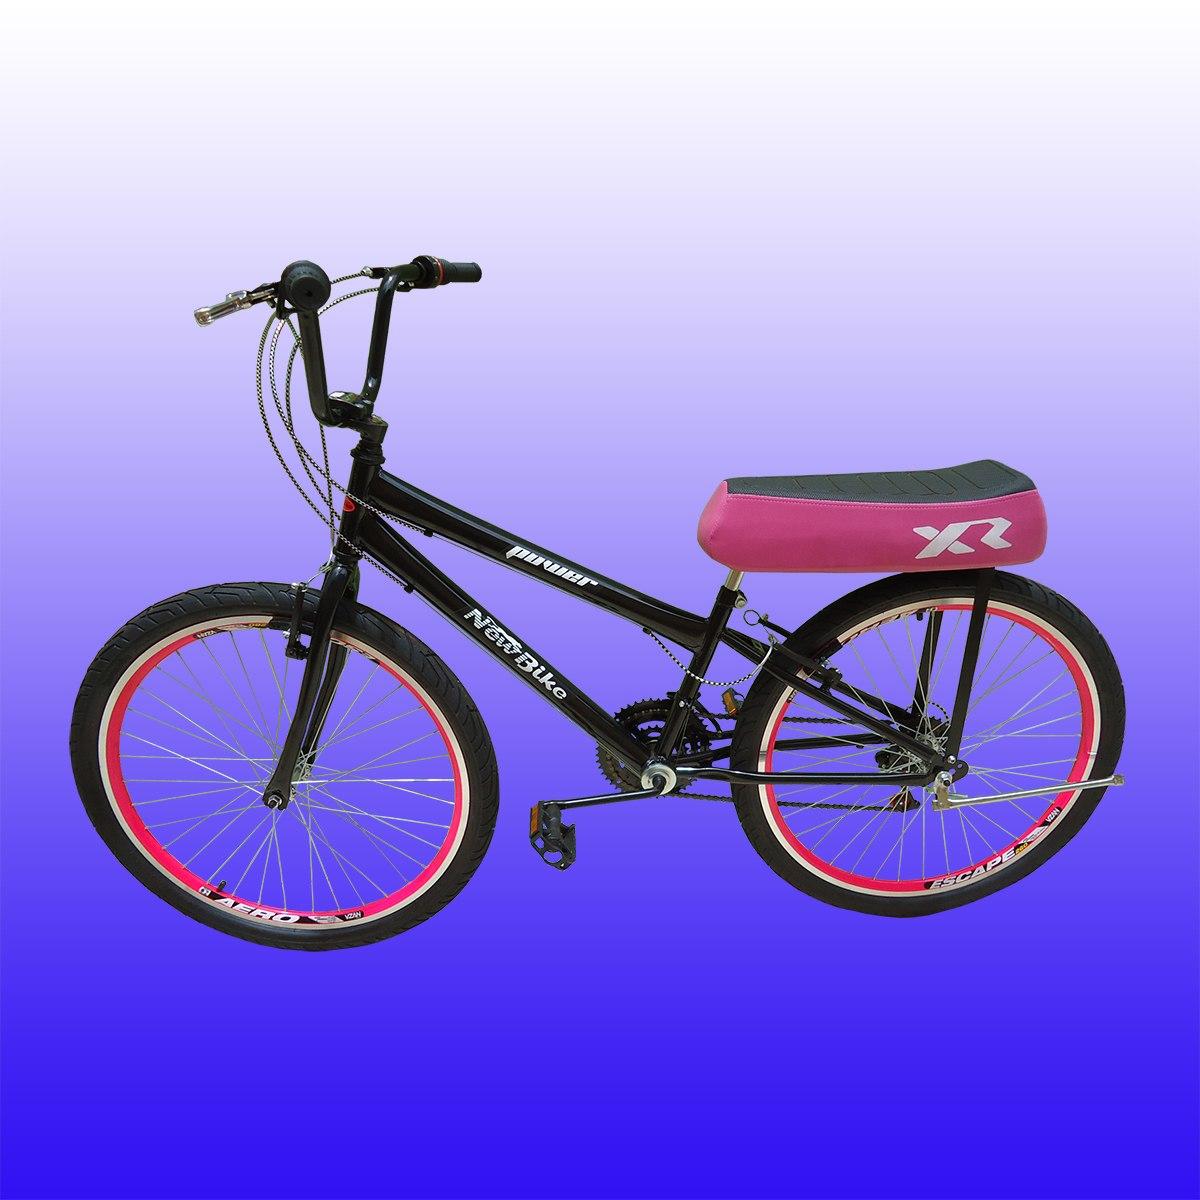 bicicleta-rebaixada-cbanco-de-mobilete-21707-MLB20217064516_122014-F